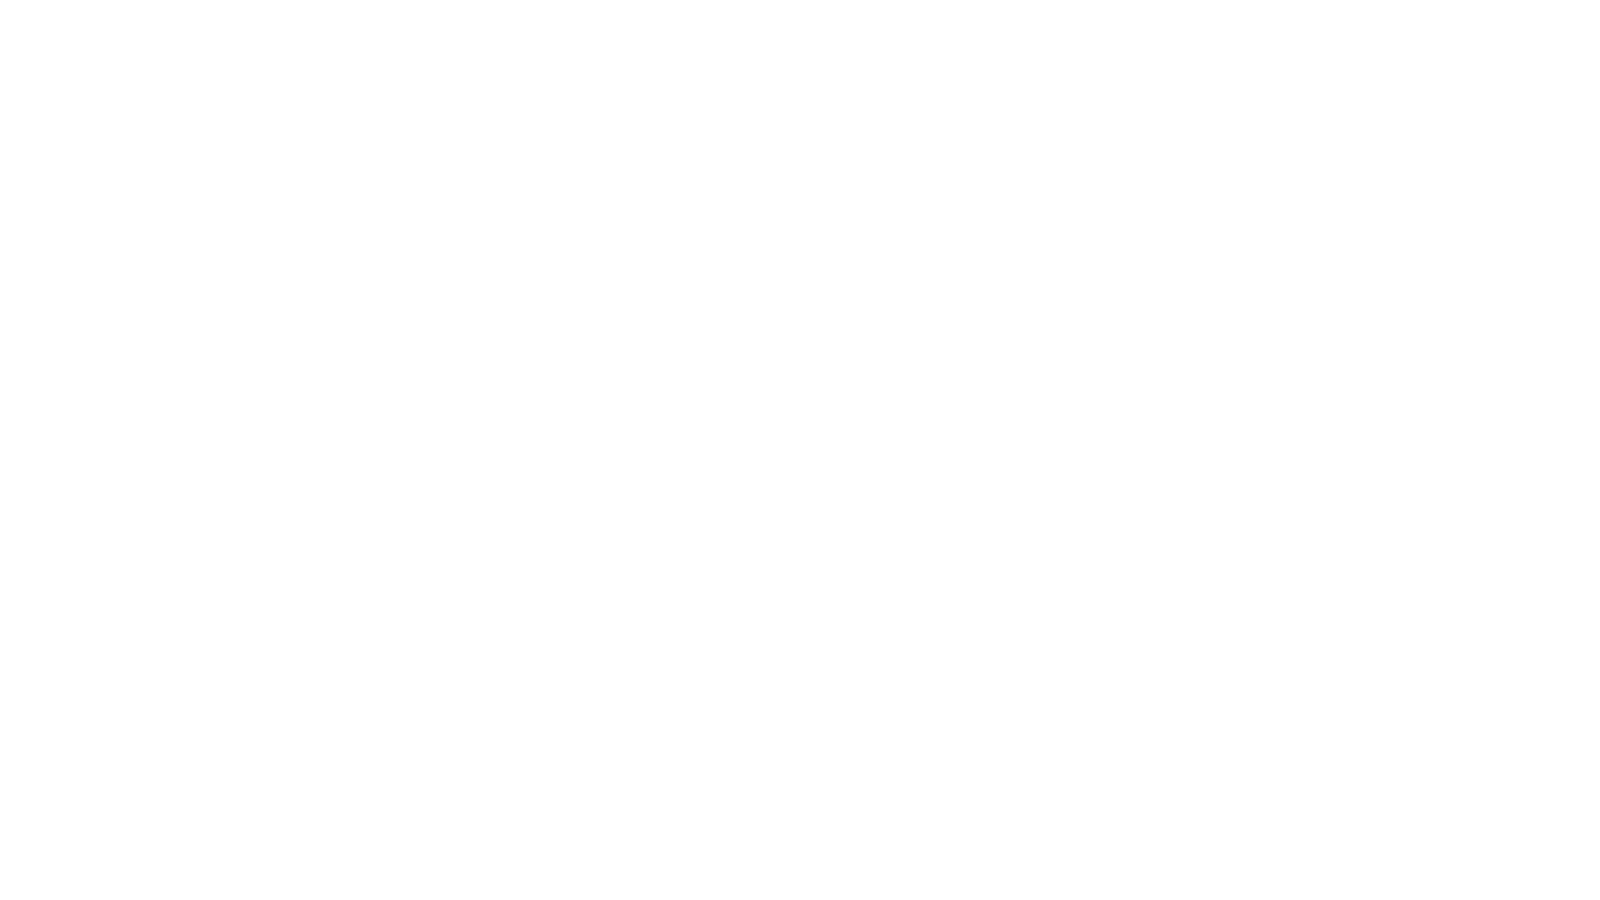 FdB 2x01 | Presentación de la segunda temporada  Nada será lo mismo. El último episodio completo en acceso libre nos sirve para contarte todo lo que viene, con contenidos nuevos, una nueva sección y la misma pasión que siempre por la filosofía.  ❗  FILOSOFÍA DE BOLSILLO sólo es y será posible gracias a ti. Hazte mecenas en https://www.patreon.com/filosofiadebo... y accede a los episodios completos y a tus recompensas. Si quieres apoyar el proyecto y tienes cualquier duda, escribe a correo@filosofiadebolsillo.com  ➡️ Puedes seguir FILOSOFÍA DE BOLSILLO en las principales plataformas como Spotify, iVoox, Apple Podcasts, Google Podcasts, Lecton o Youtube, o visitar filosofiadebolsillo.com